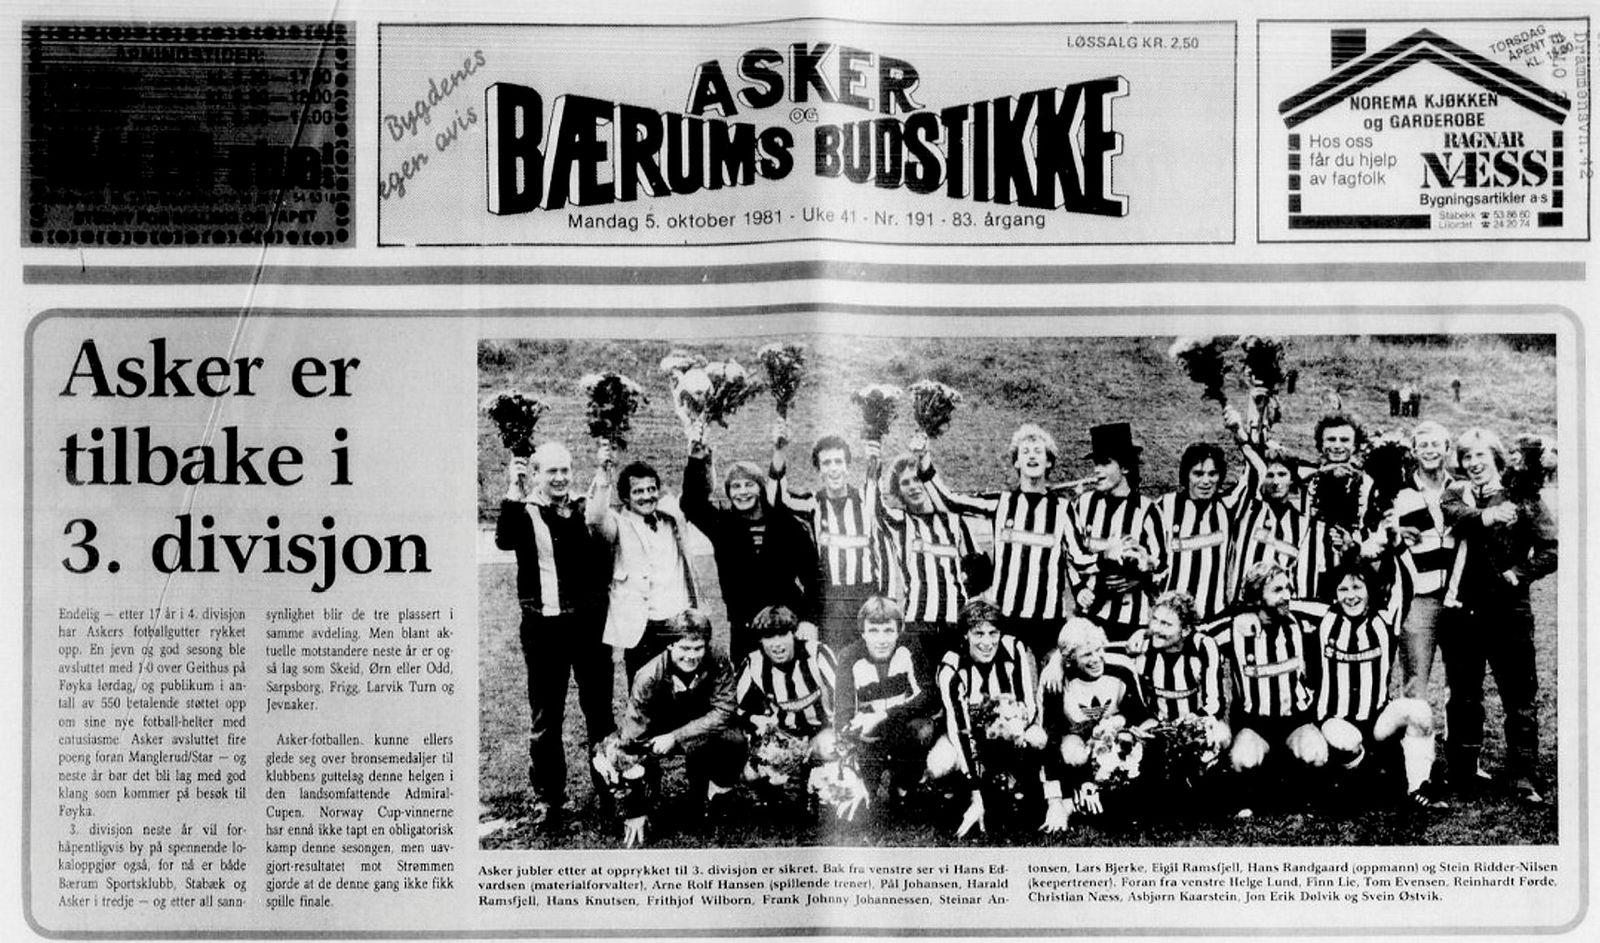 1981-laget til Asker fotballklubb. Frithjof Wilborn i midten (til venstre for flosshatten). Helge Lund sitter nederst til venstre. Svein «Charter-Svein» Østvik sitter nederst til høyre.Ifølge Asker-rådmann Lars Bjerke, som også spilte på laget, var Wilborn best, Charter-Svein spiss og Helge Lund midtstopper. «Lund var omtrent like god som meg, ikke veldig god», sier Bjerke.